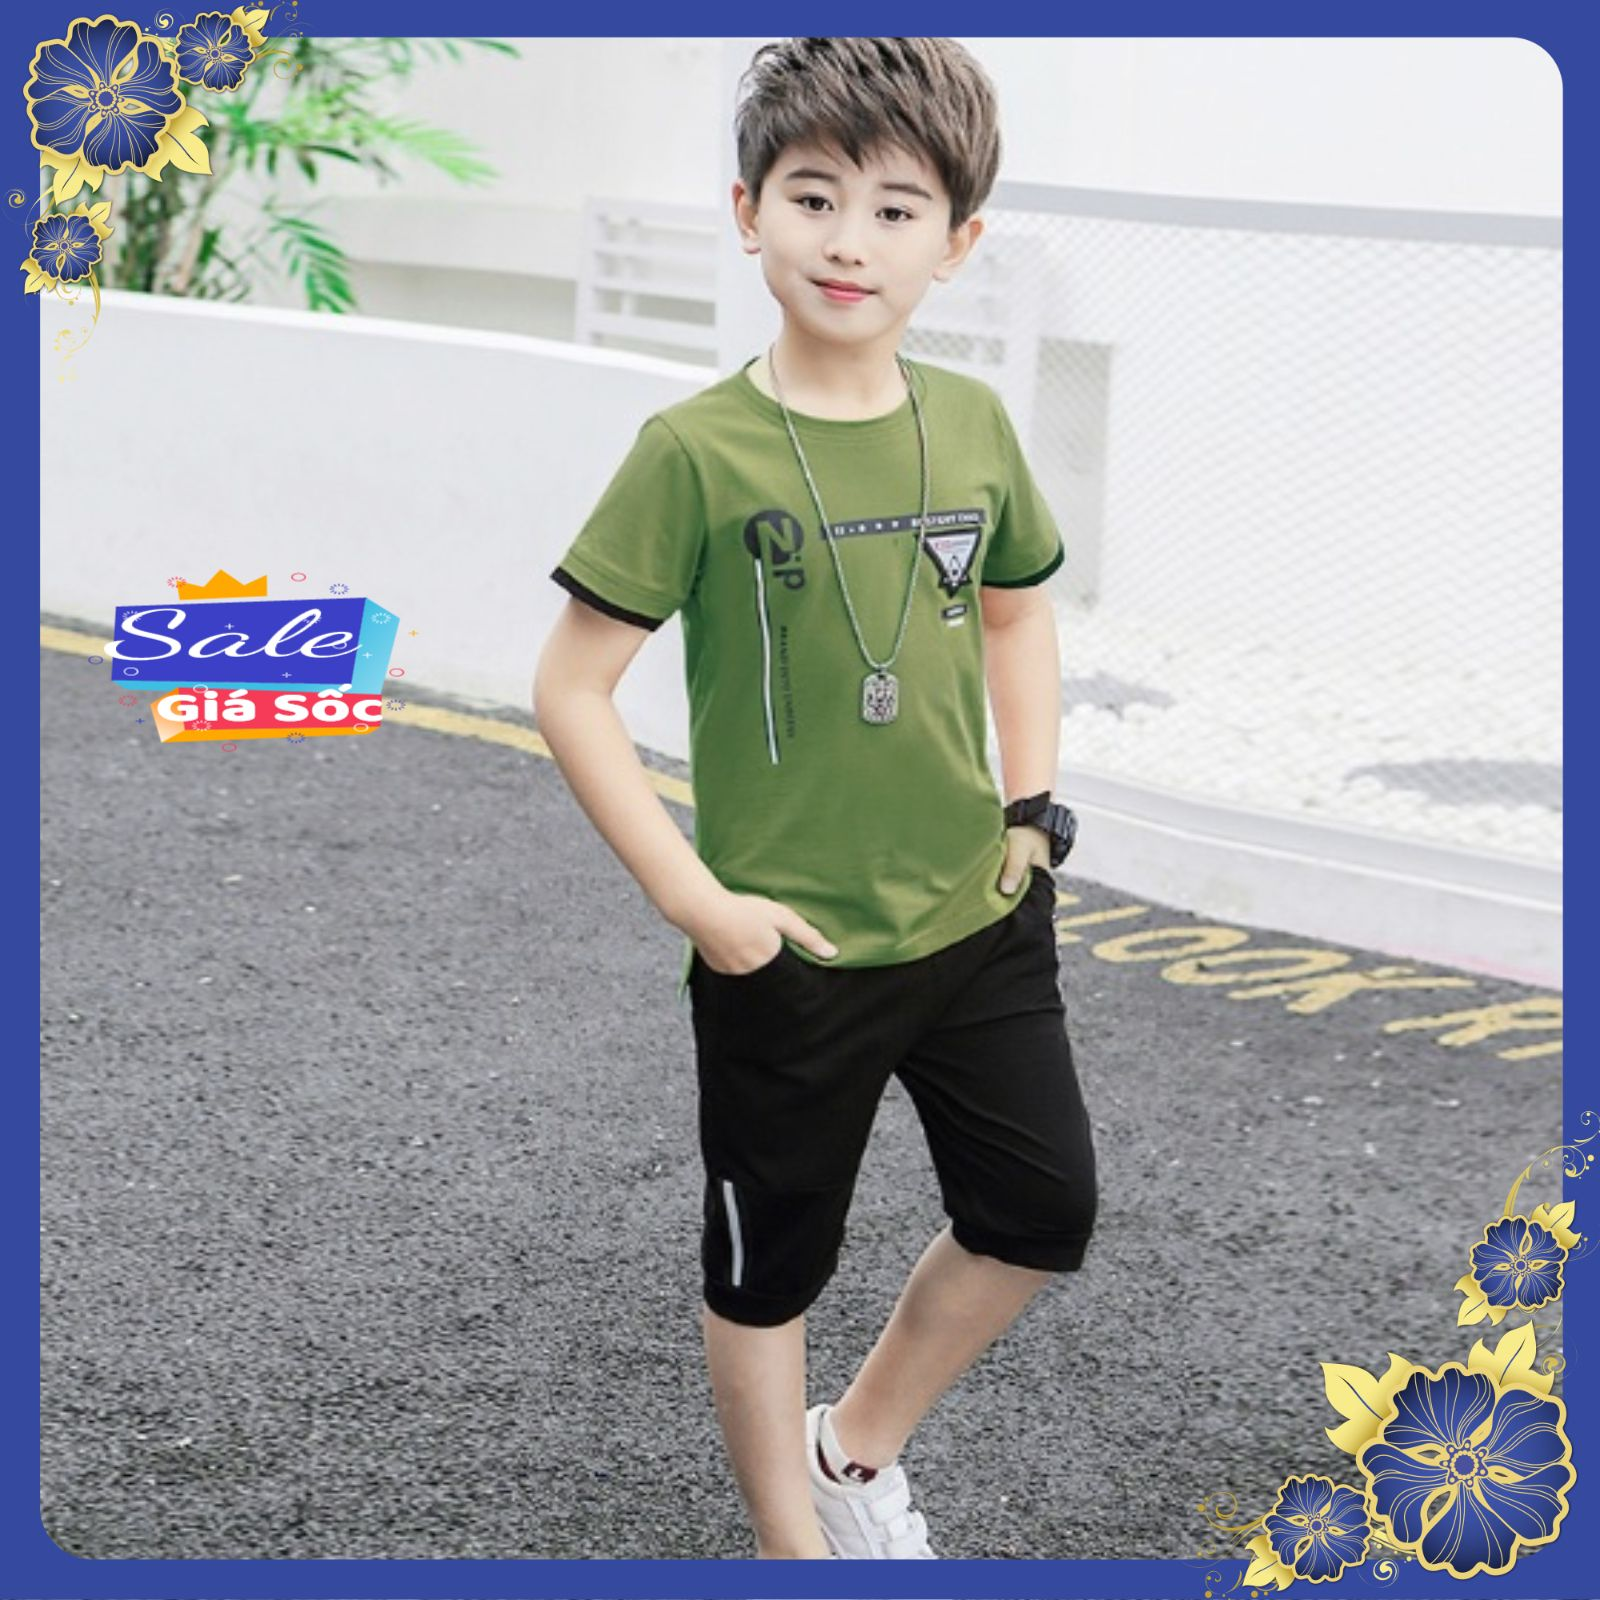 Hình ảnh [Siêu Rẻ] Bộ quần áo cộc tay hè cho bé trai 6-10 tuổi in hình Zip. Chất liệu cotton co giãn 4 chiều, thiết kế đẹp, thoáng mát, thấm hút mồ hôi